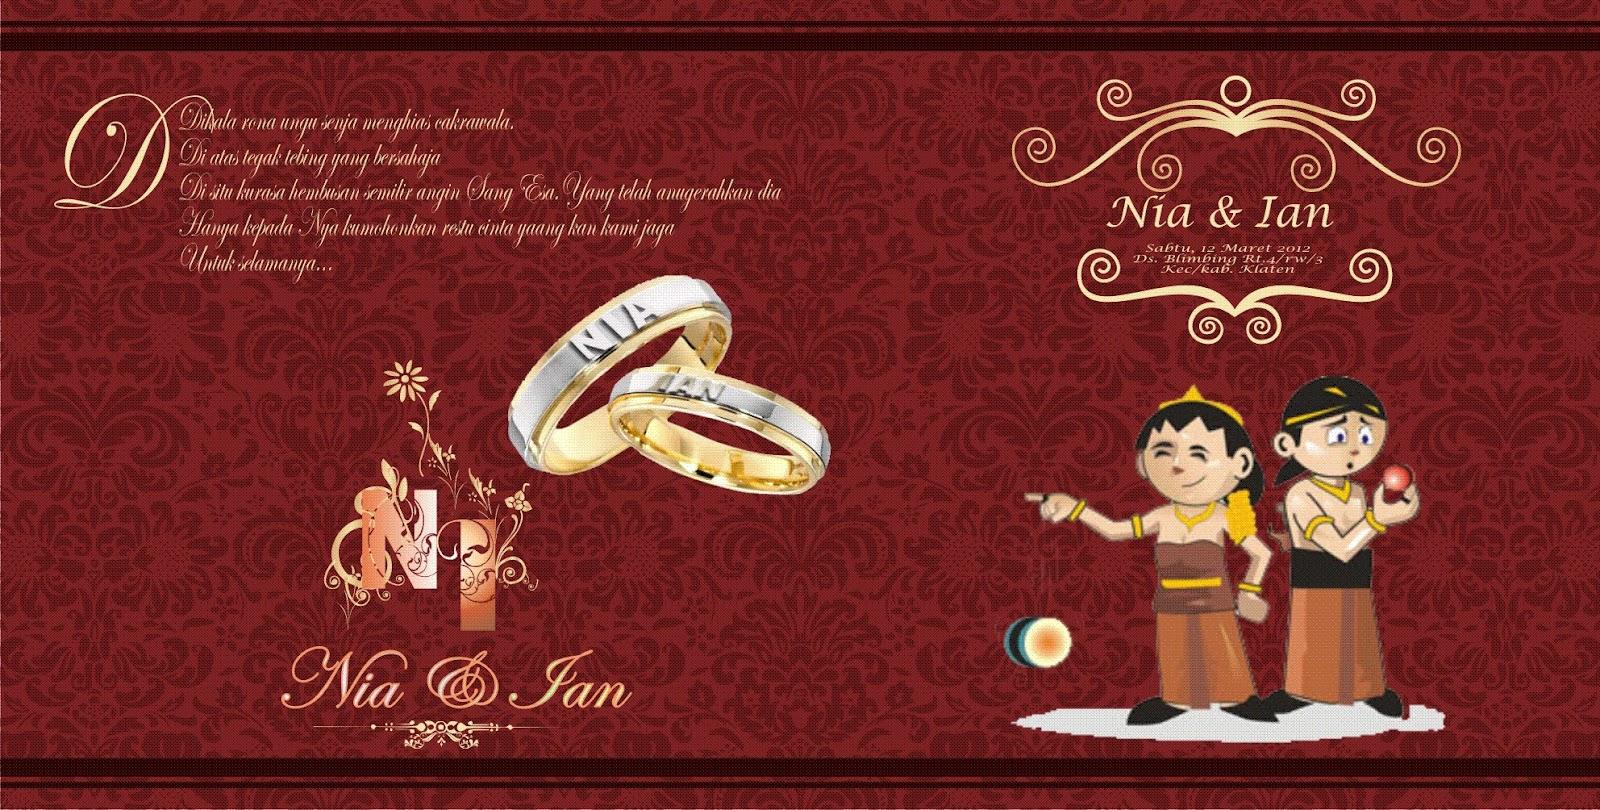 Desain Undangan Ulem Pernikahan Heri Syaifudin  Heri Syaifudin Bloggs